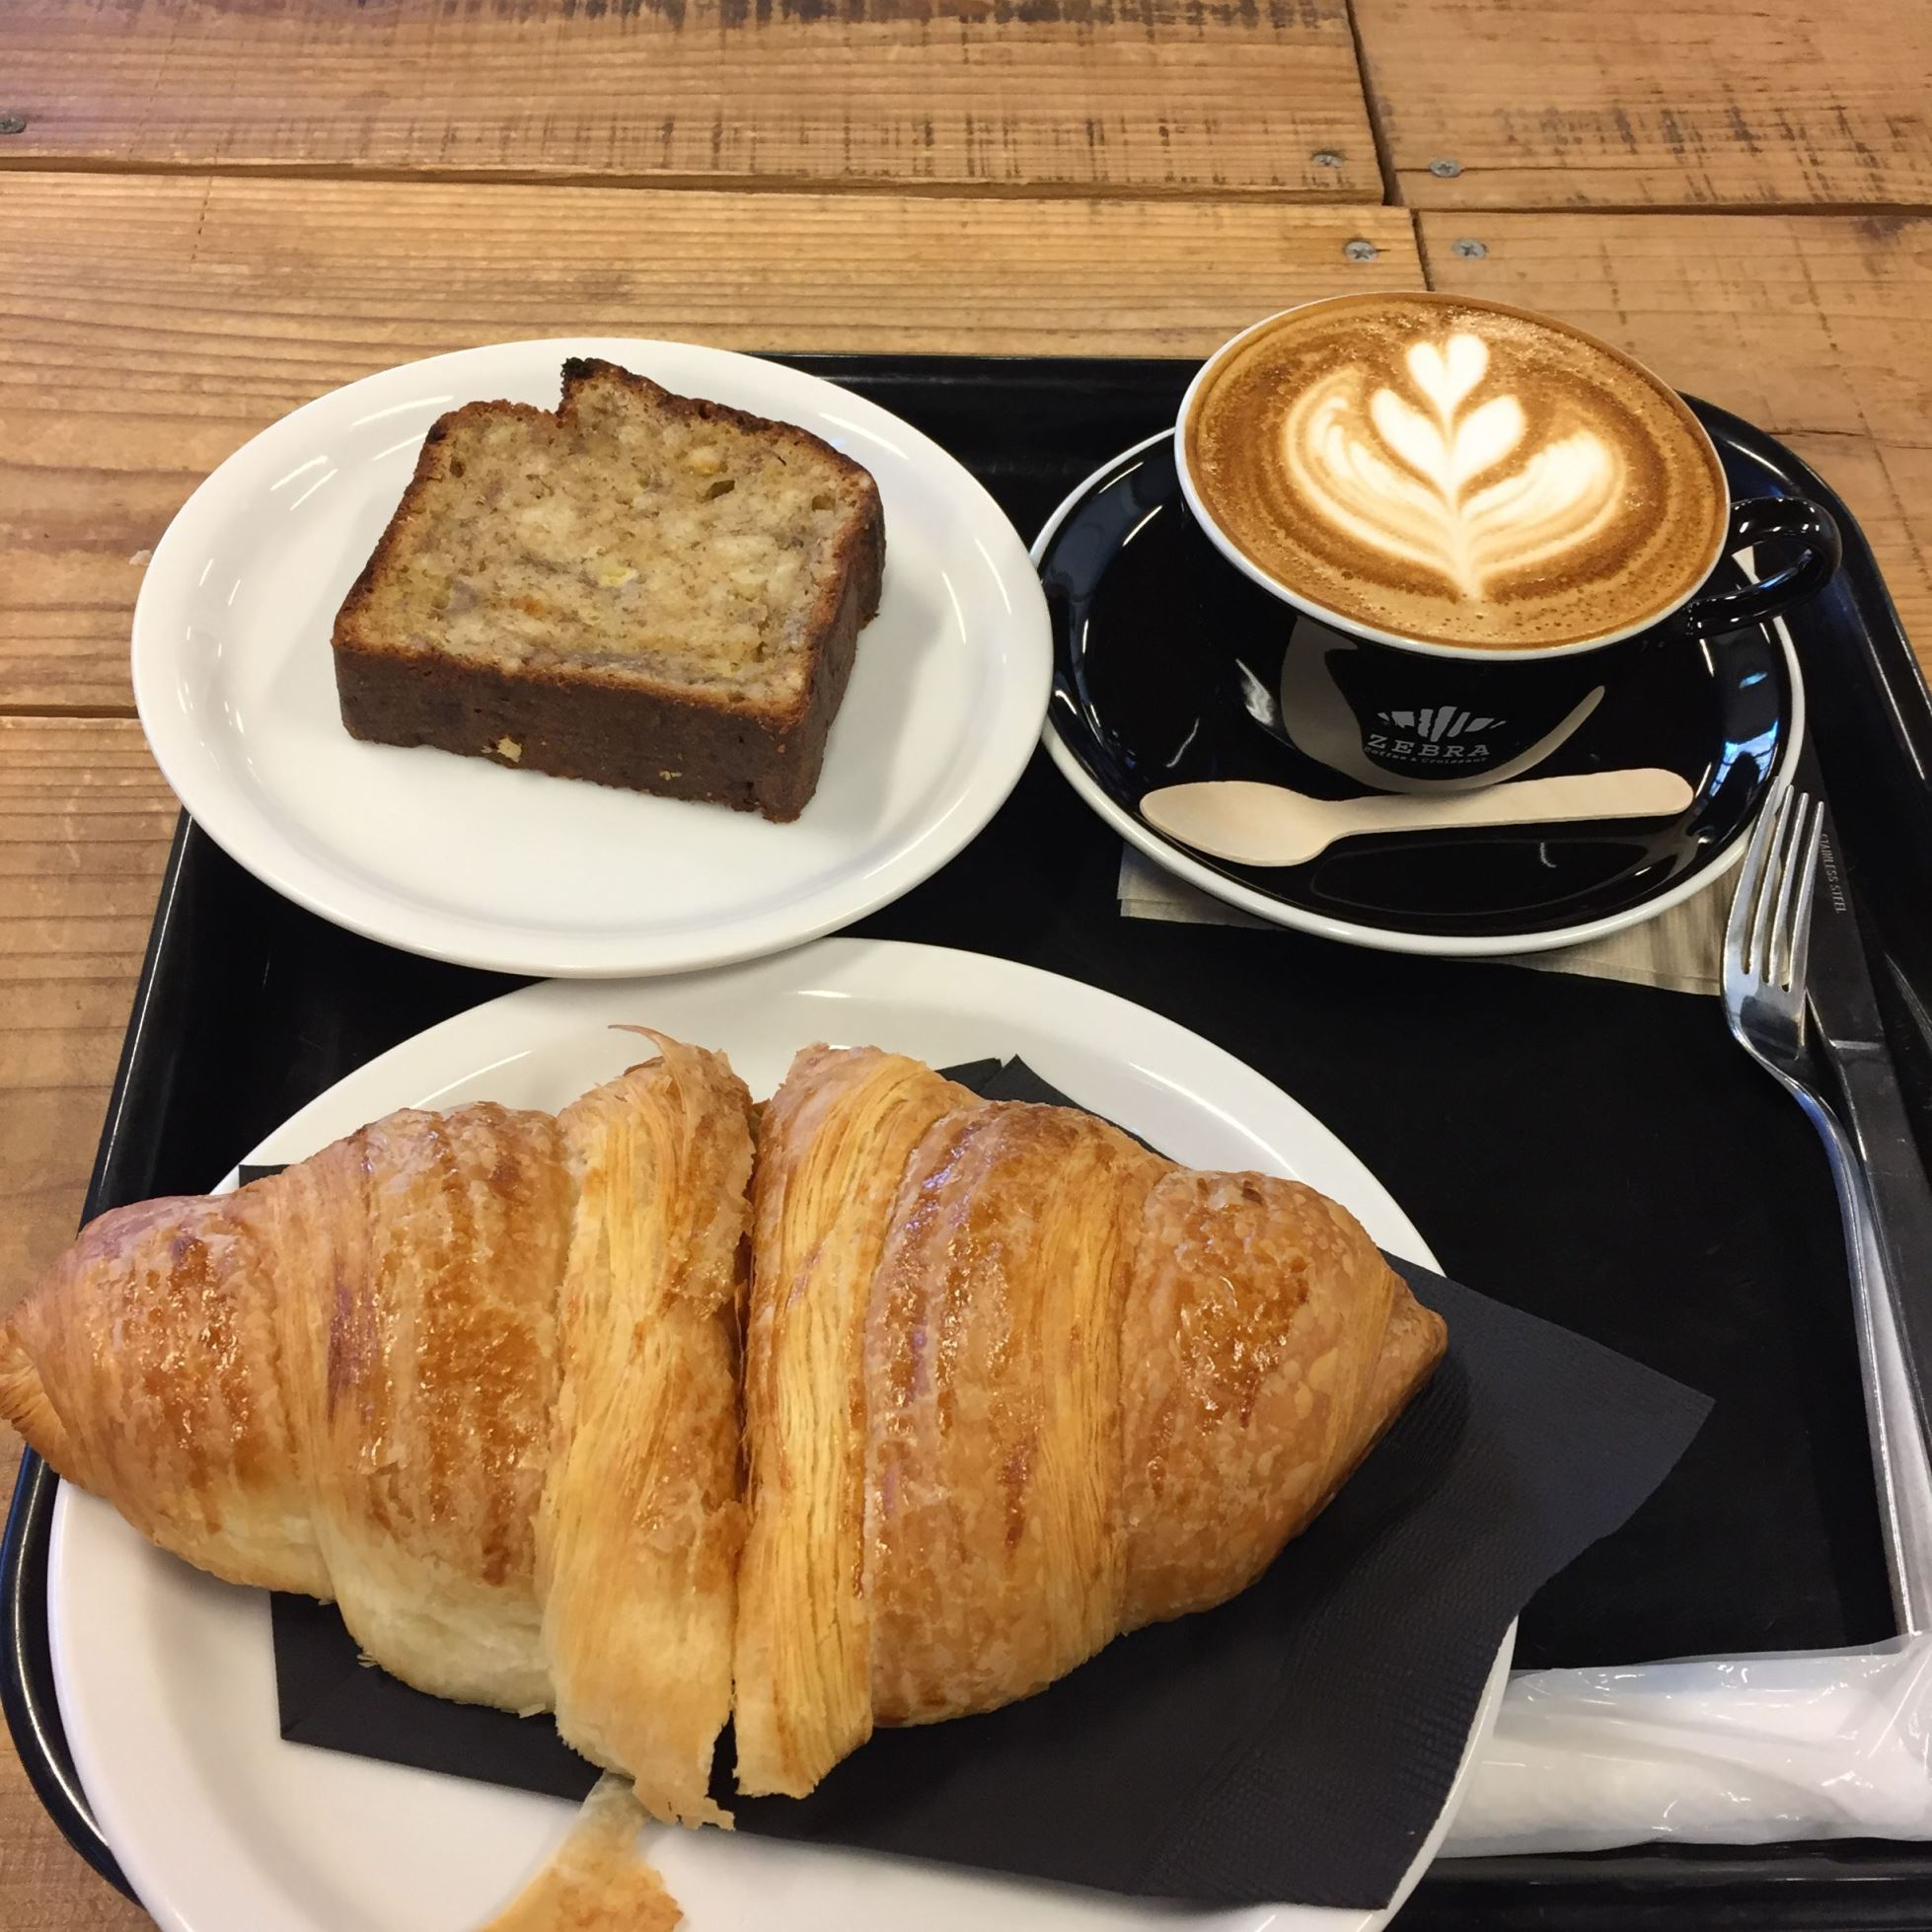 久しぶりに津久井の「ZEBRA Coffee & Croissant」へ